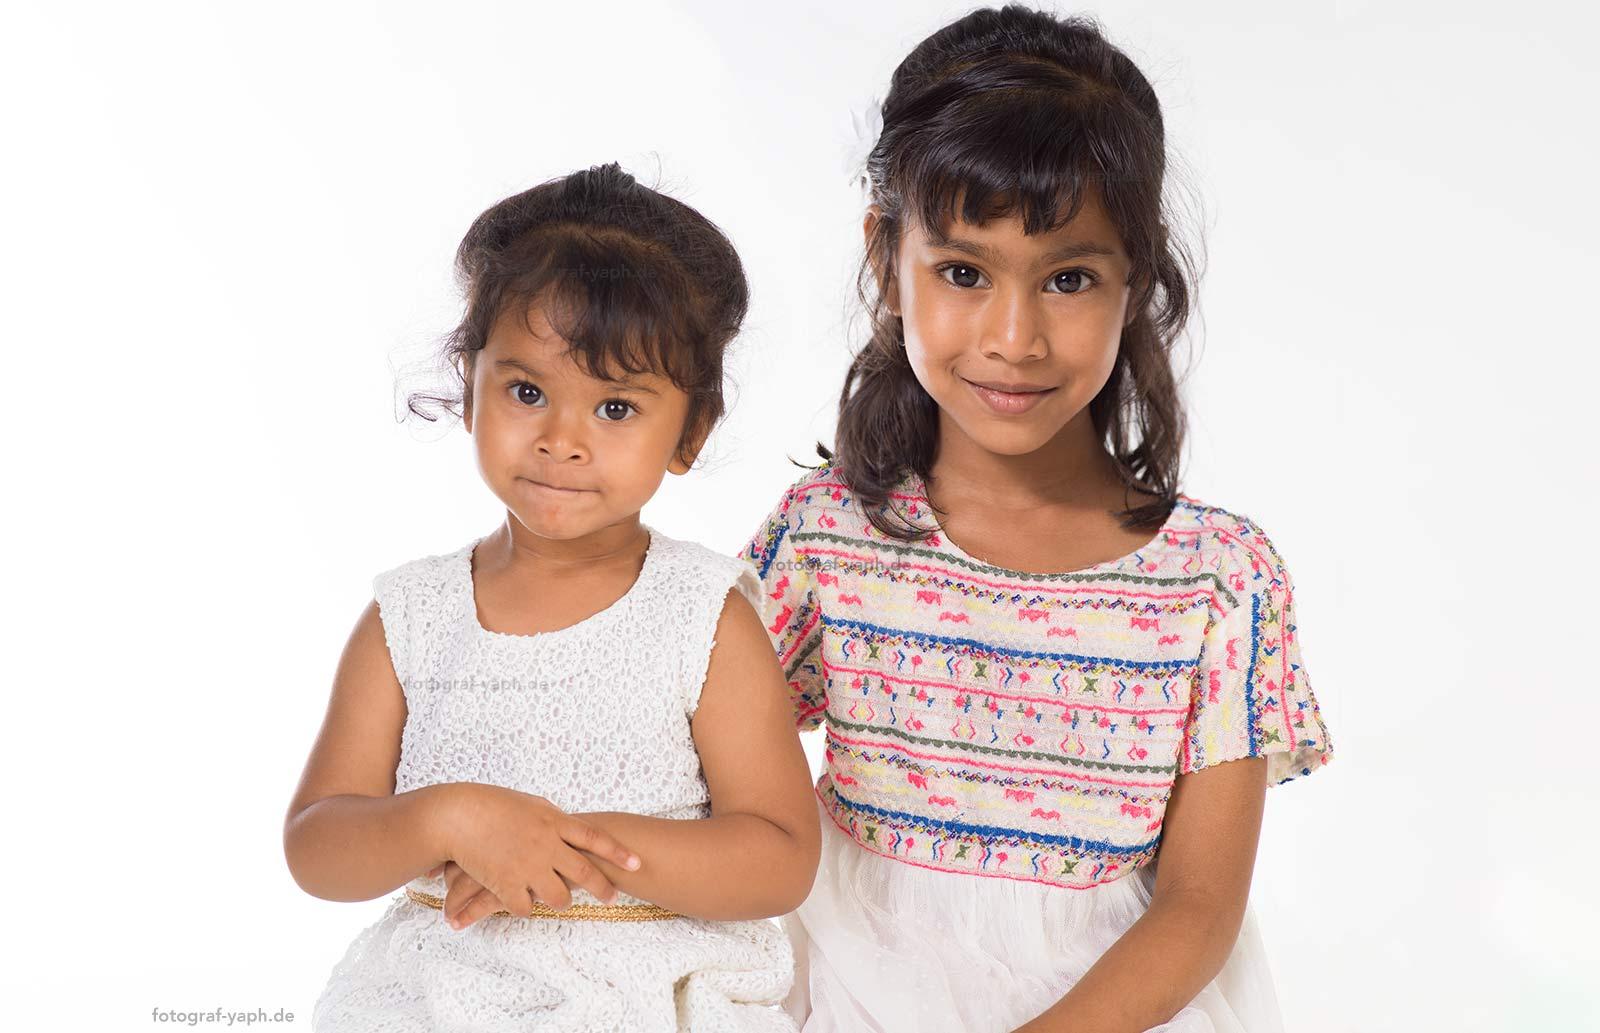 Familienfotos und Fotoshooting mit Kinder ist ein Erlebnis für alle Familienmitglieder im Fotostudio in Trier - Yaph.